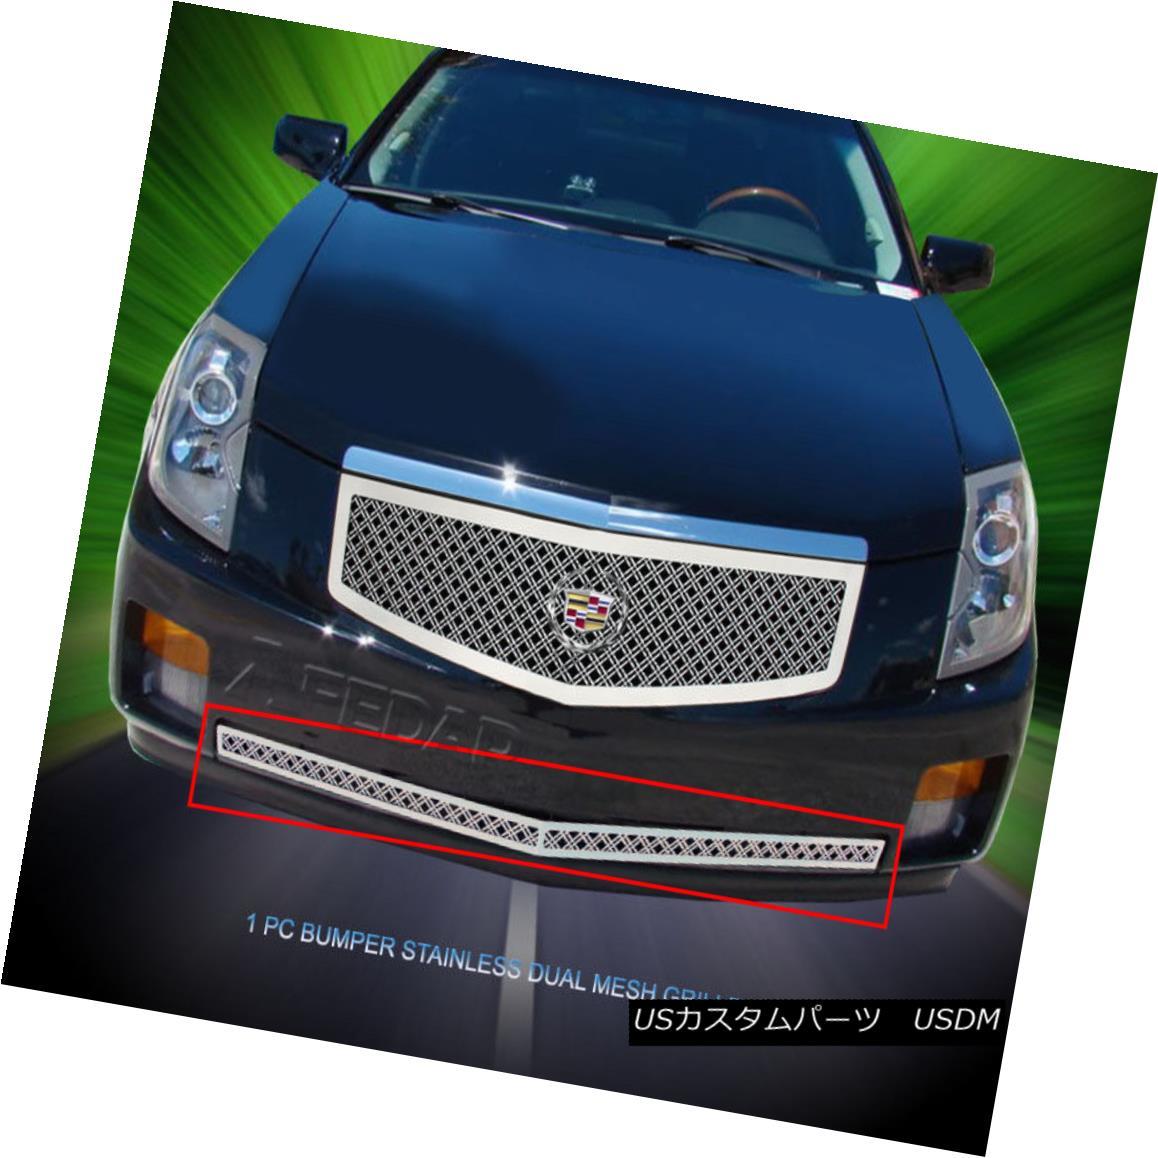 グリル Fedar Fits 2003-2007 Cadillac CTS Chrome Overlay Dual Weave Mesh Grille Insert Fedar Fitting 2003-2007 Cadillac CTS Chrome Overlayデュアルウィーブメッシュグリルインサート